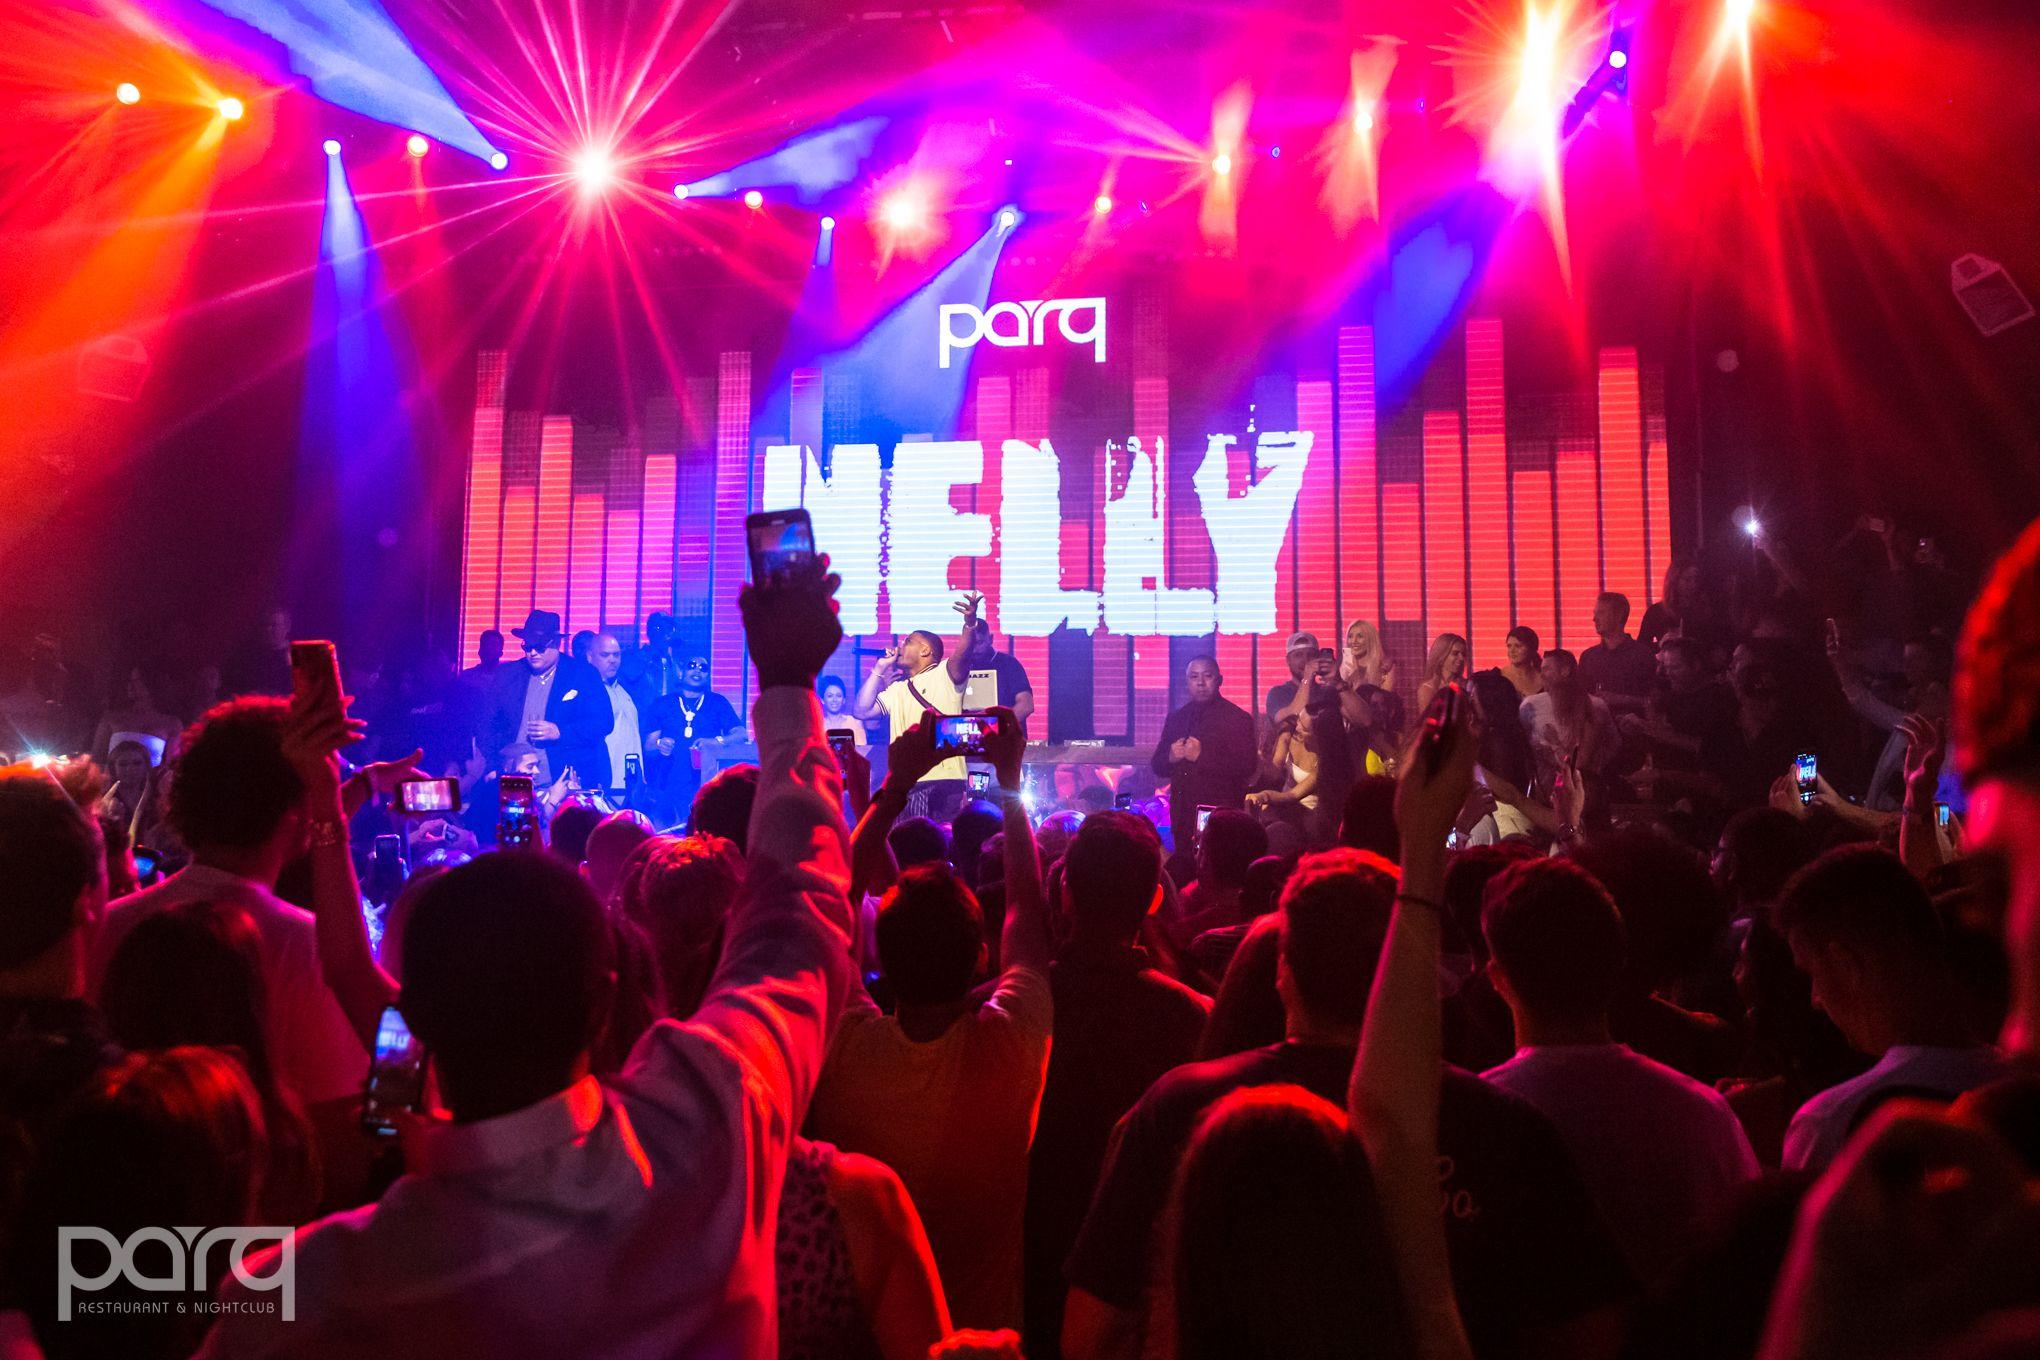 09.01.19 Parq - Nelly-1.jpg